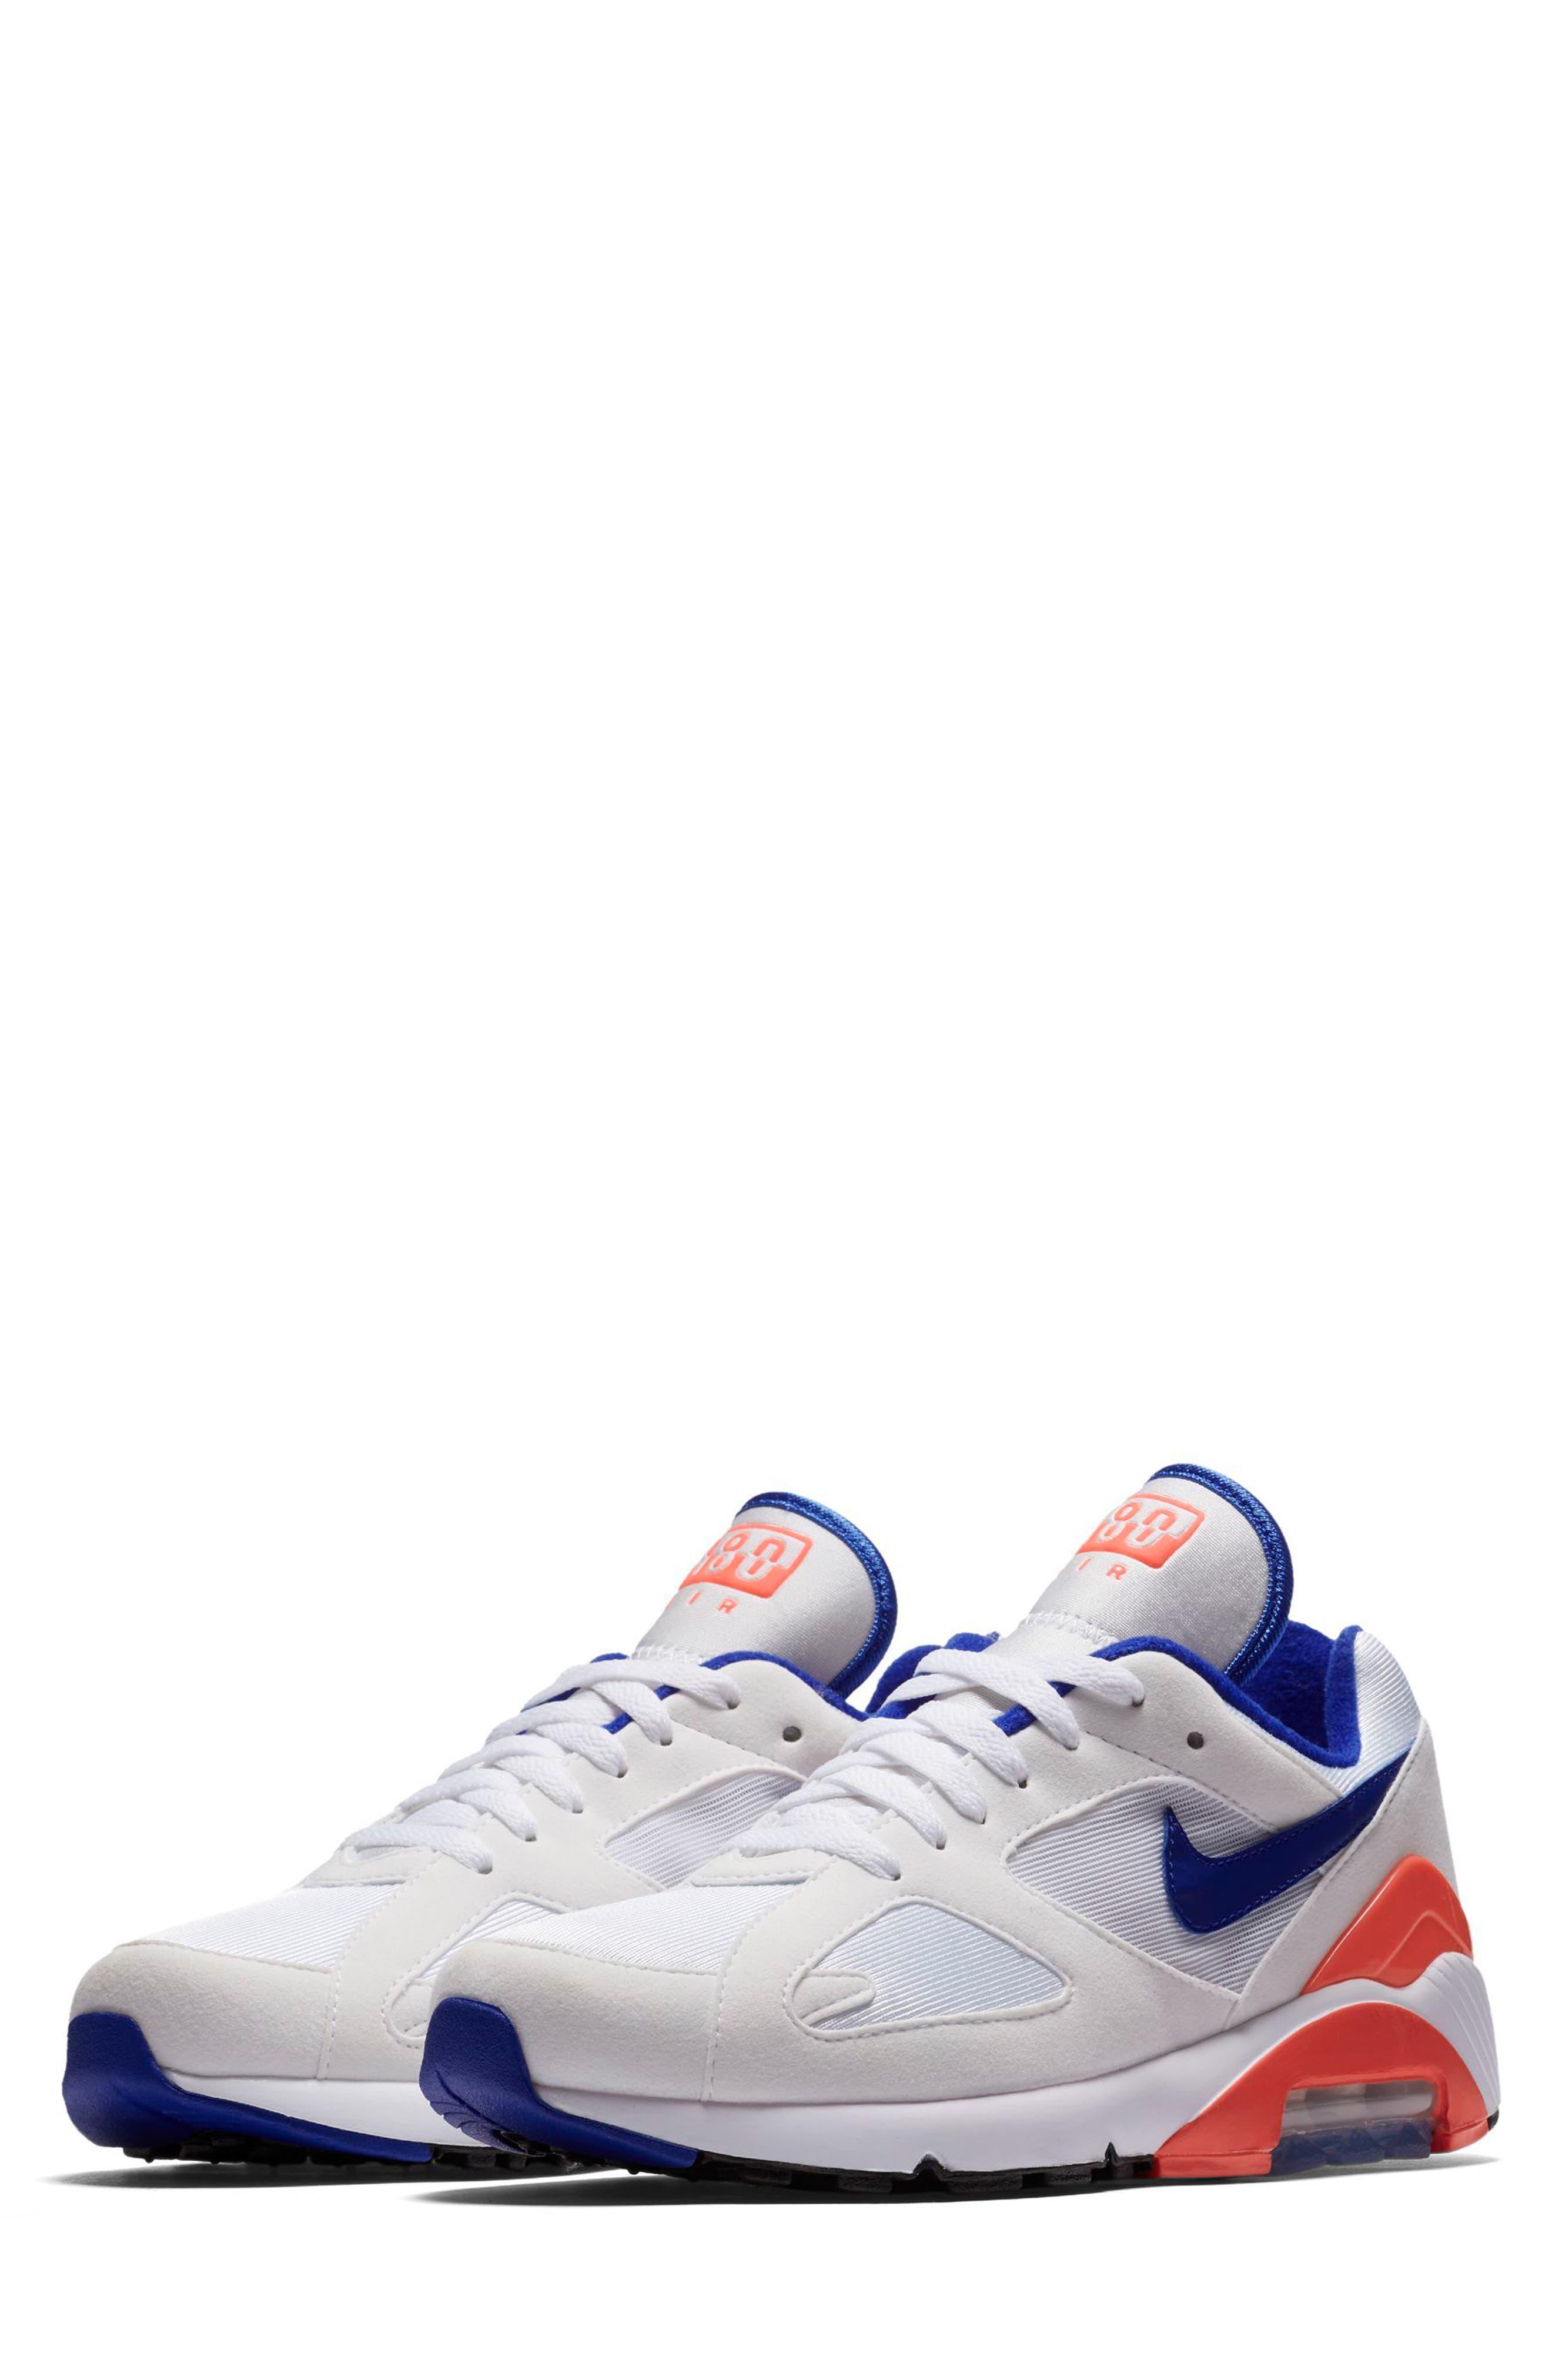 Main Image - Nike Air Max 180 Sneaker (Women)